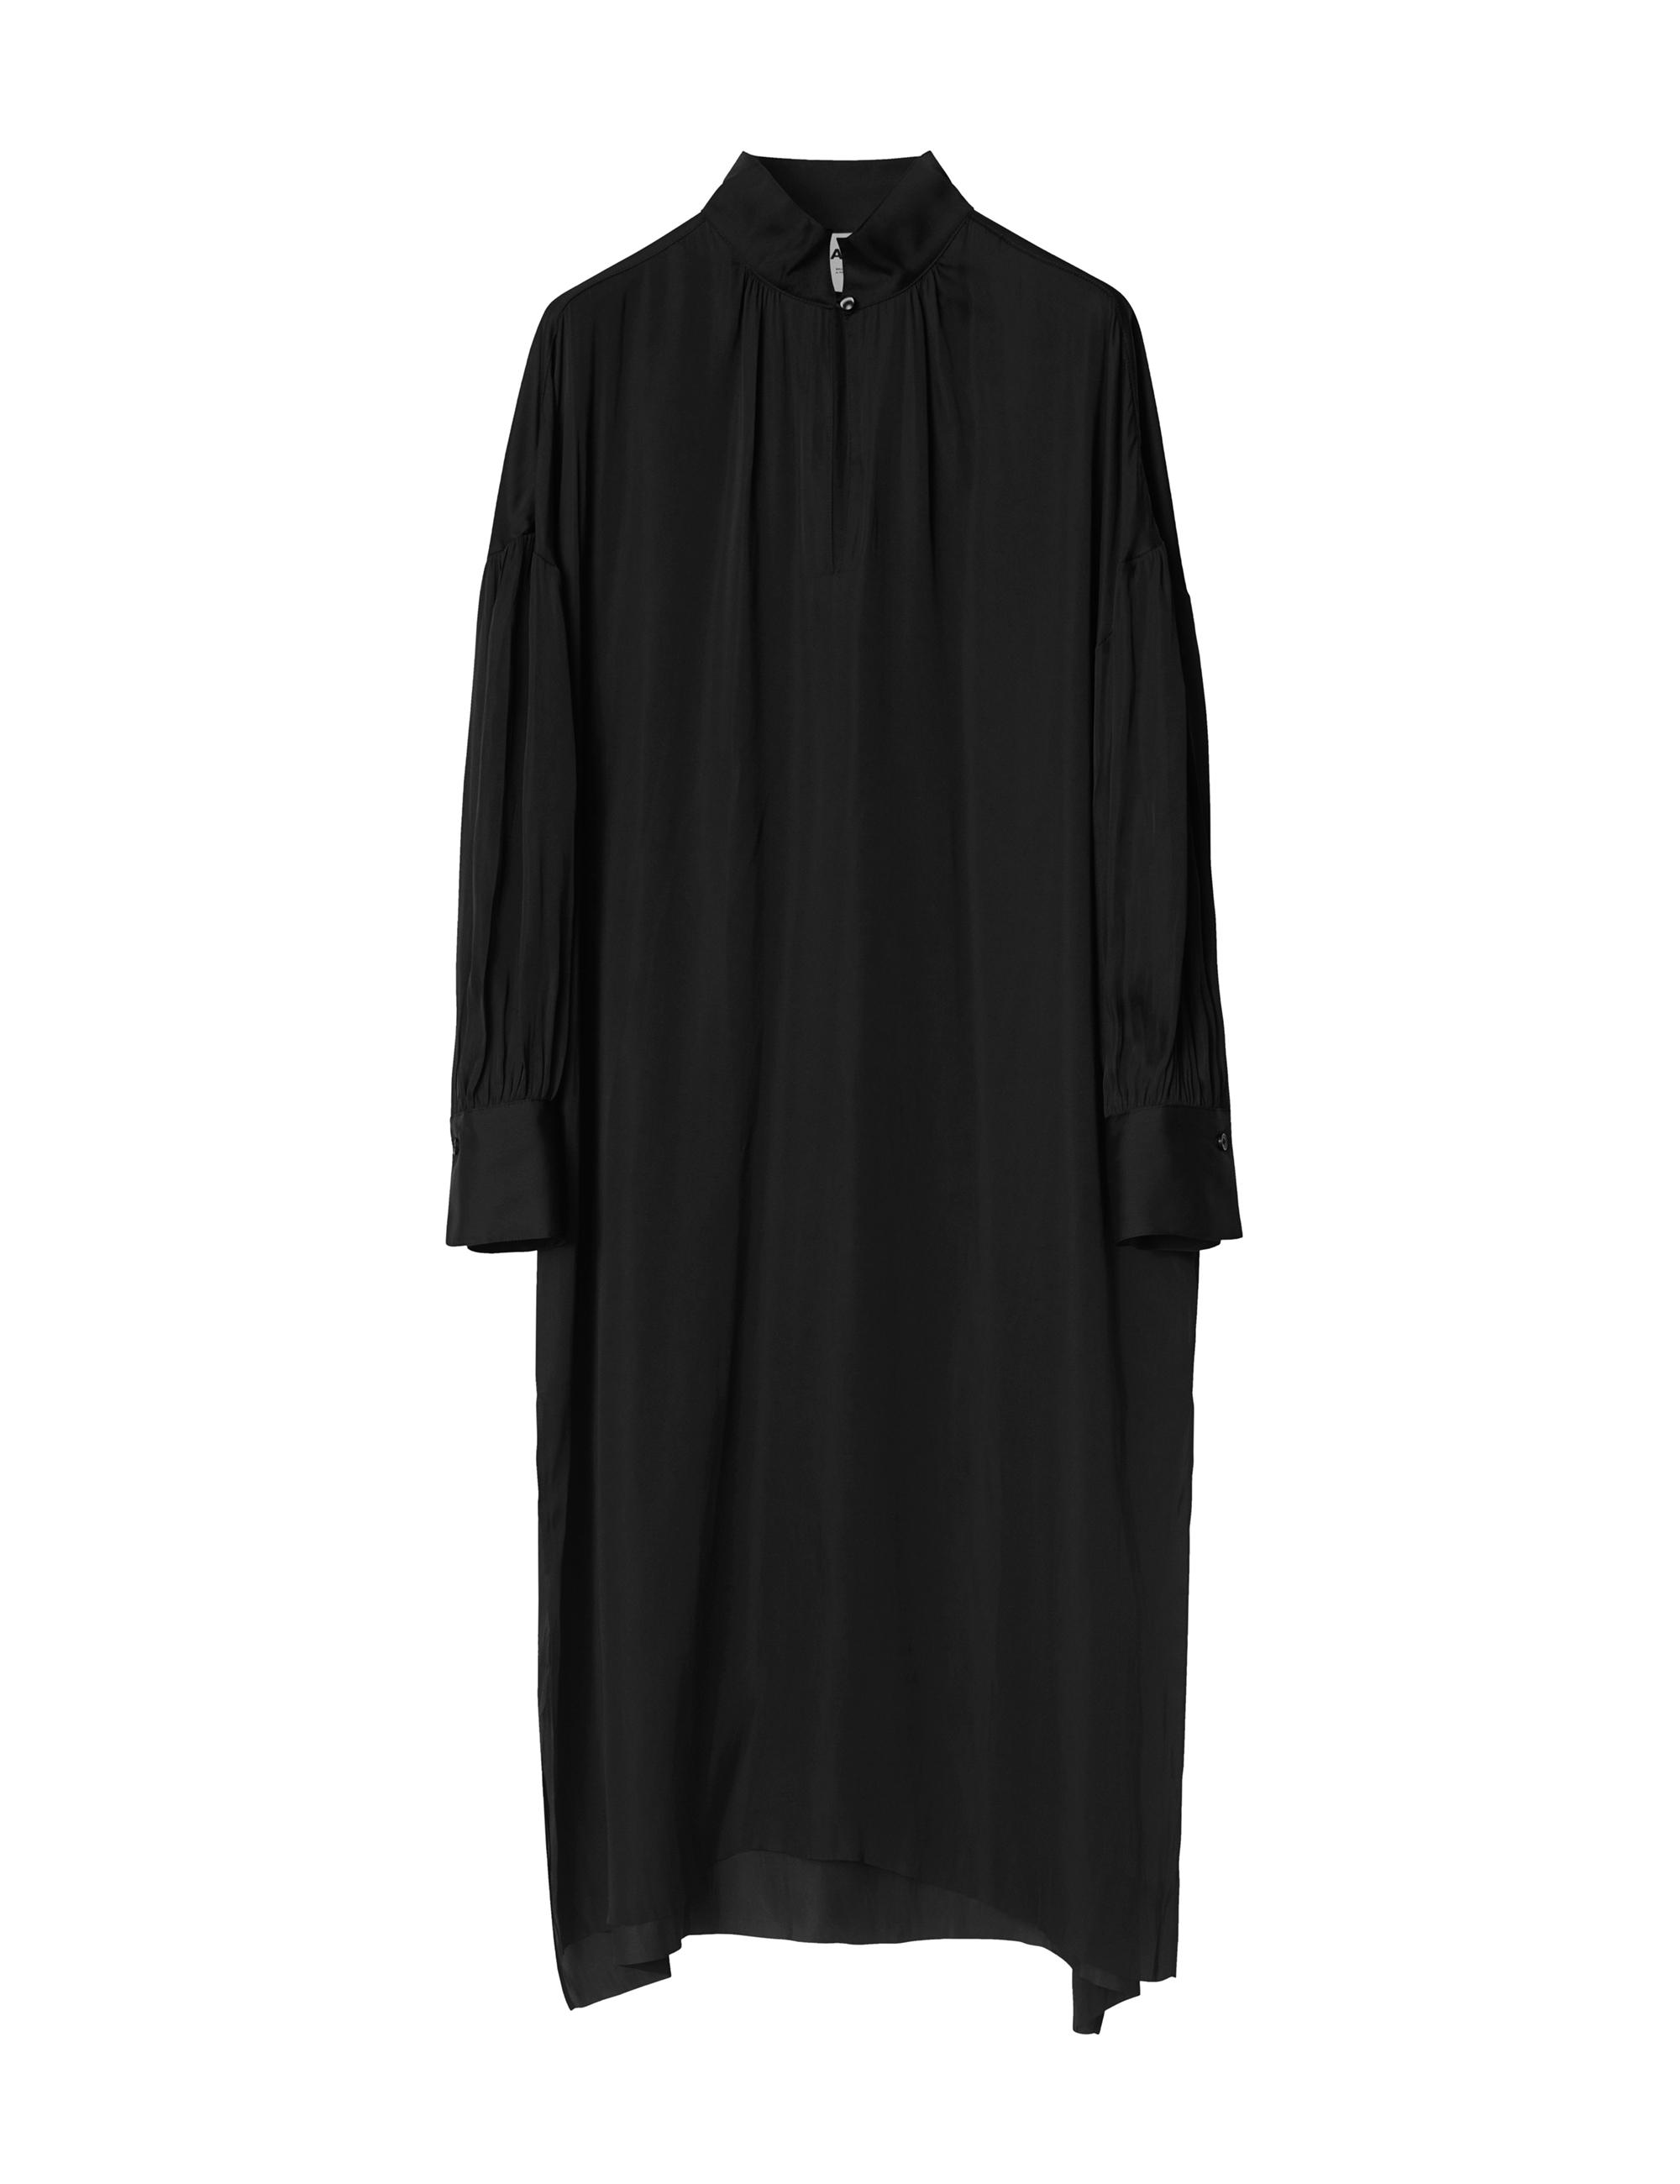 DAY Birger et Mikkelsen Paula kjole, sort, 40